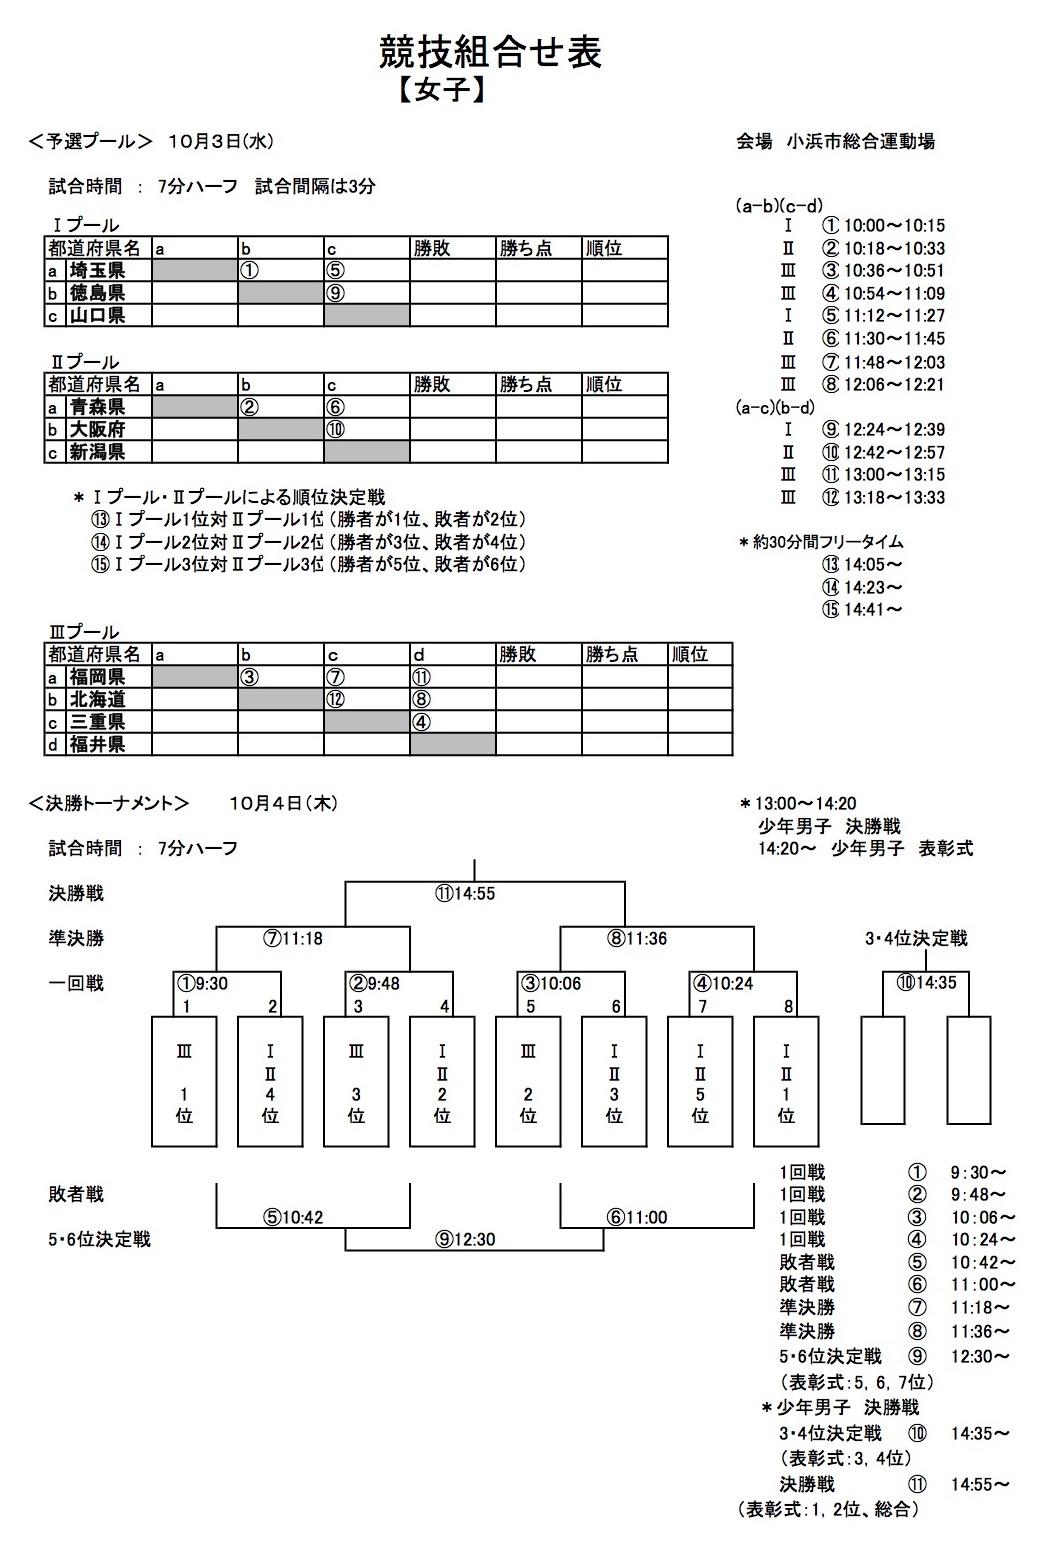 2018fukui_kokutai_jyoshi